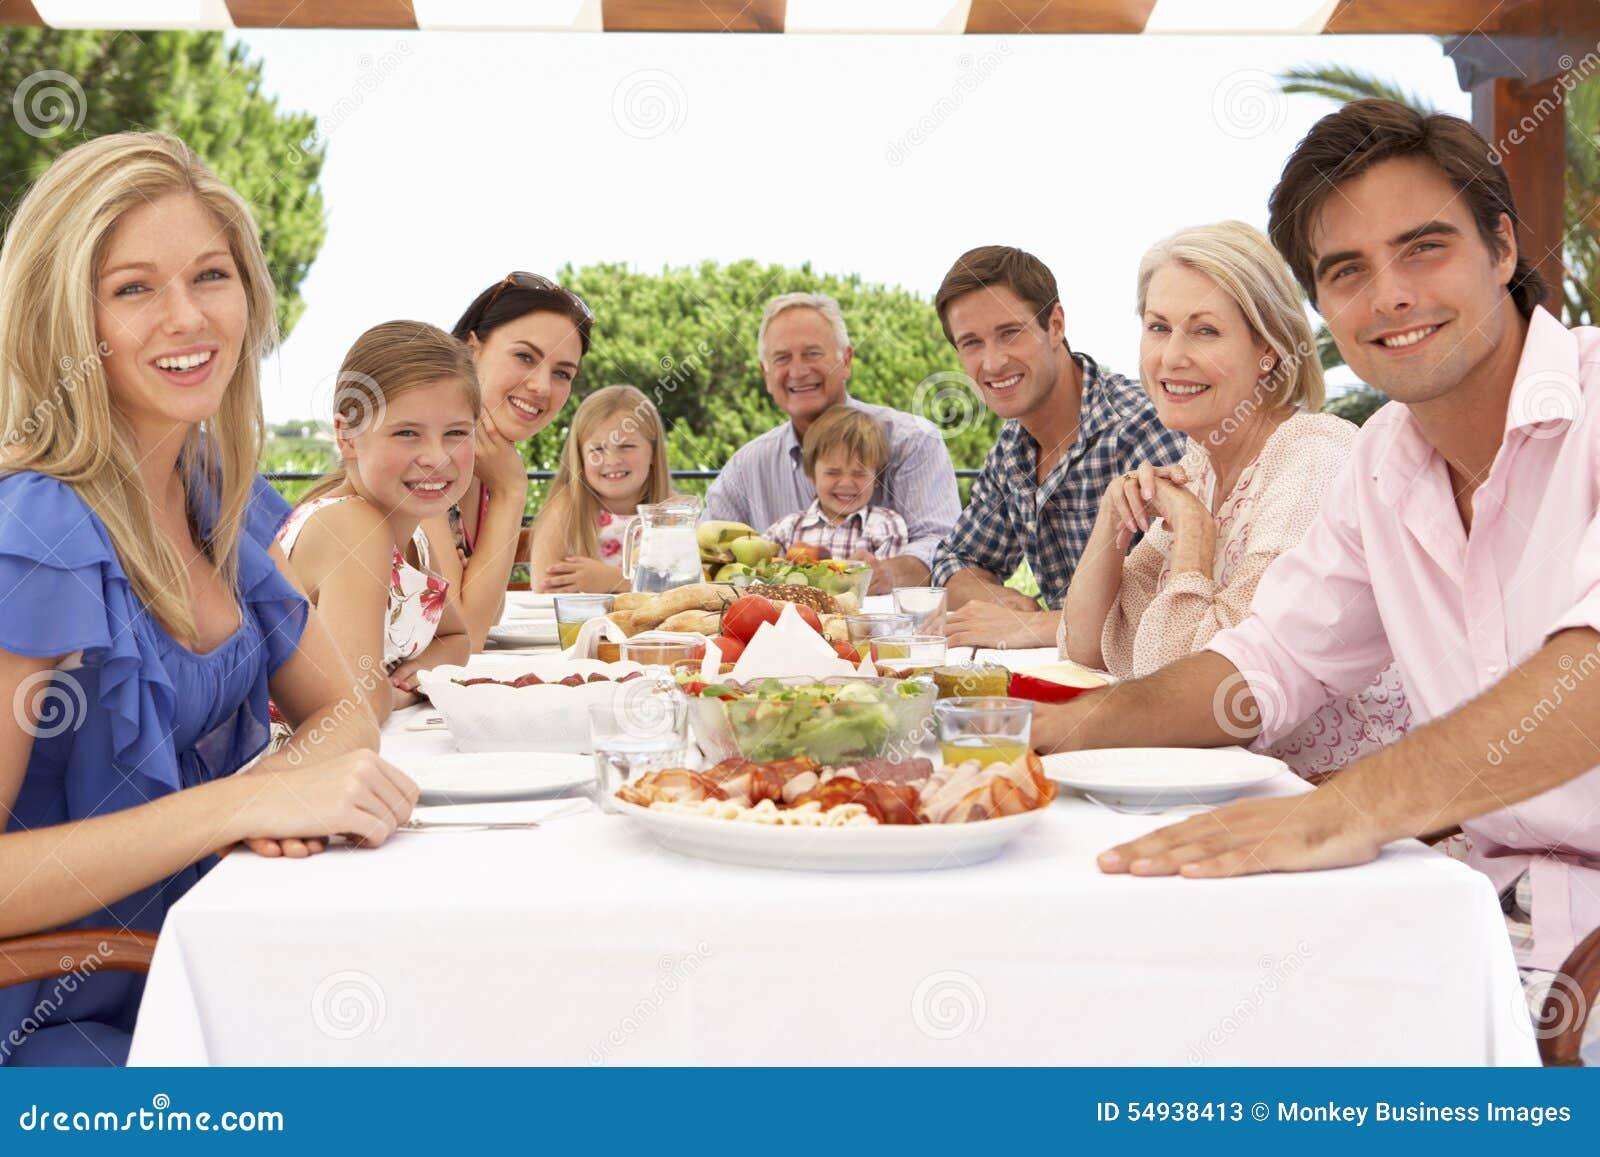 一起享受室外膳食的大家庭小组